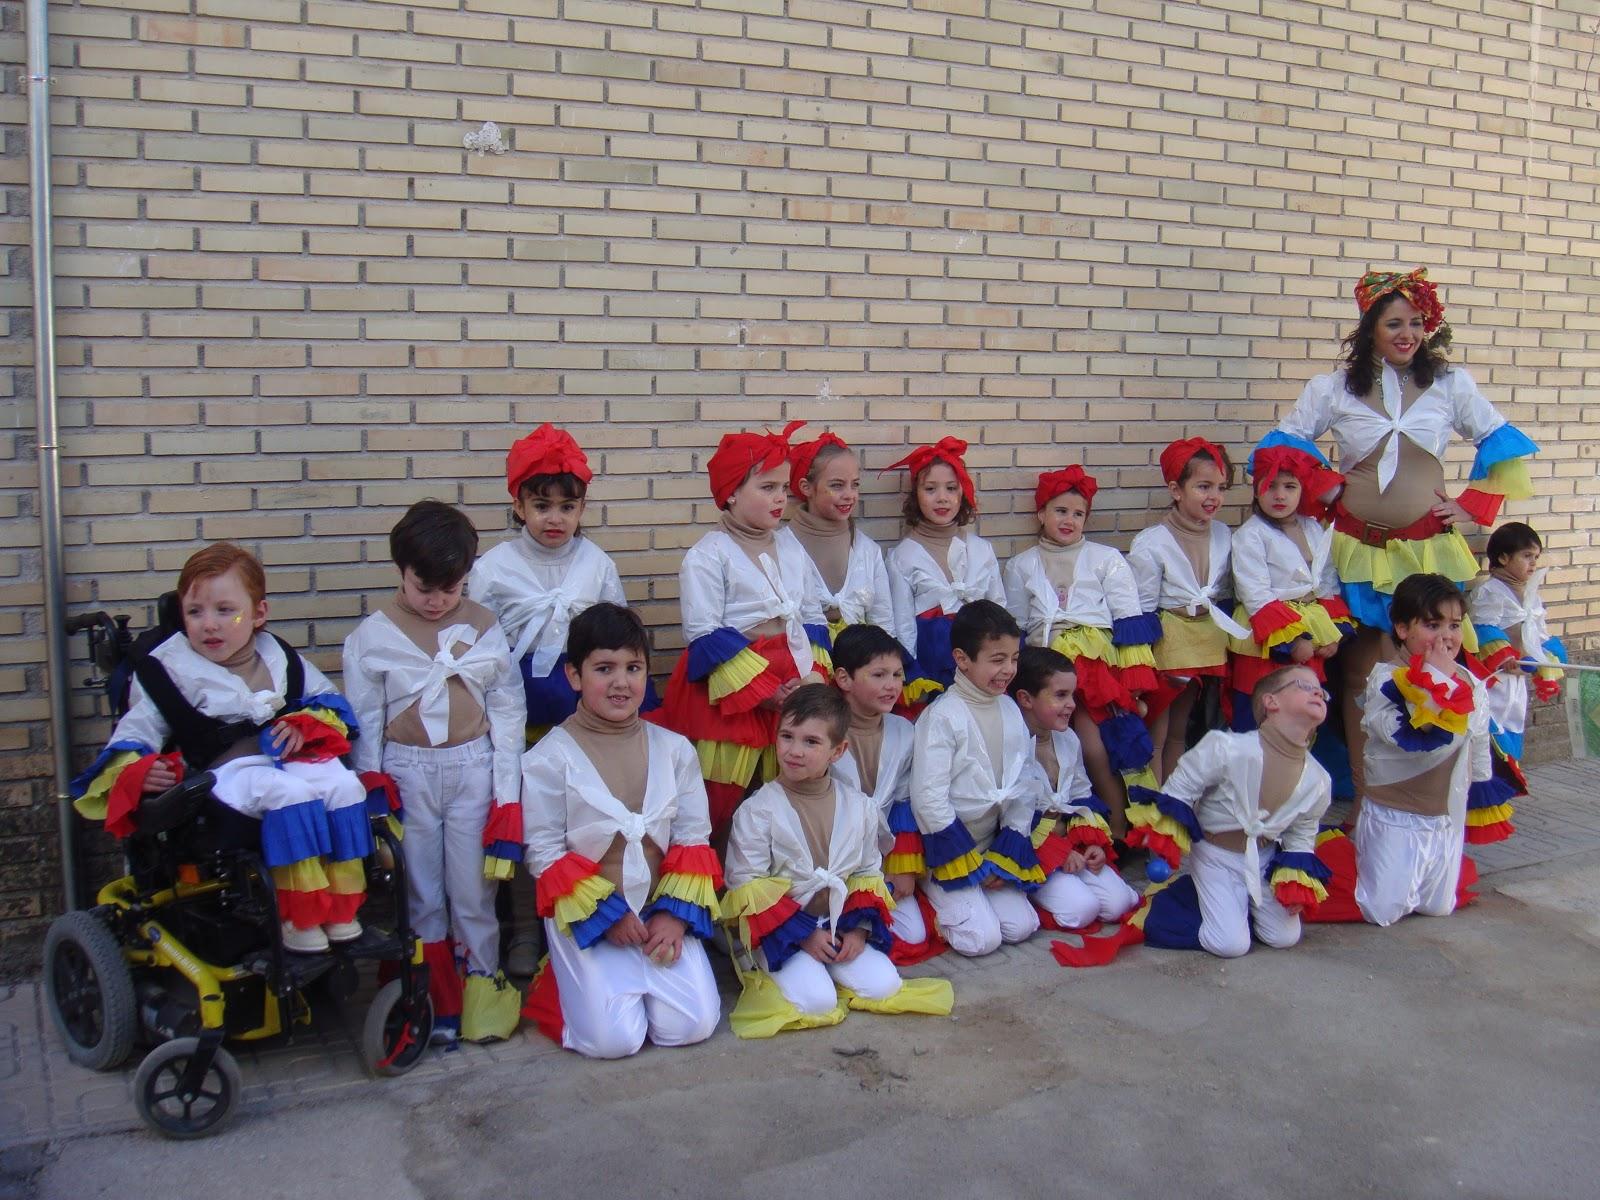 Investigando para la vida carnaval - Disfraces del mundo ...